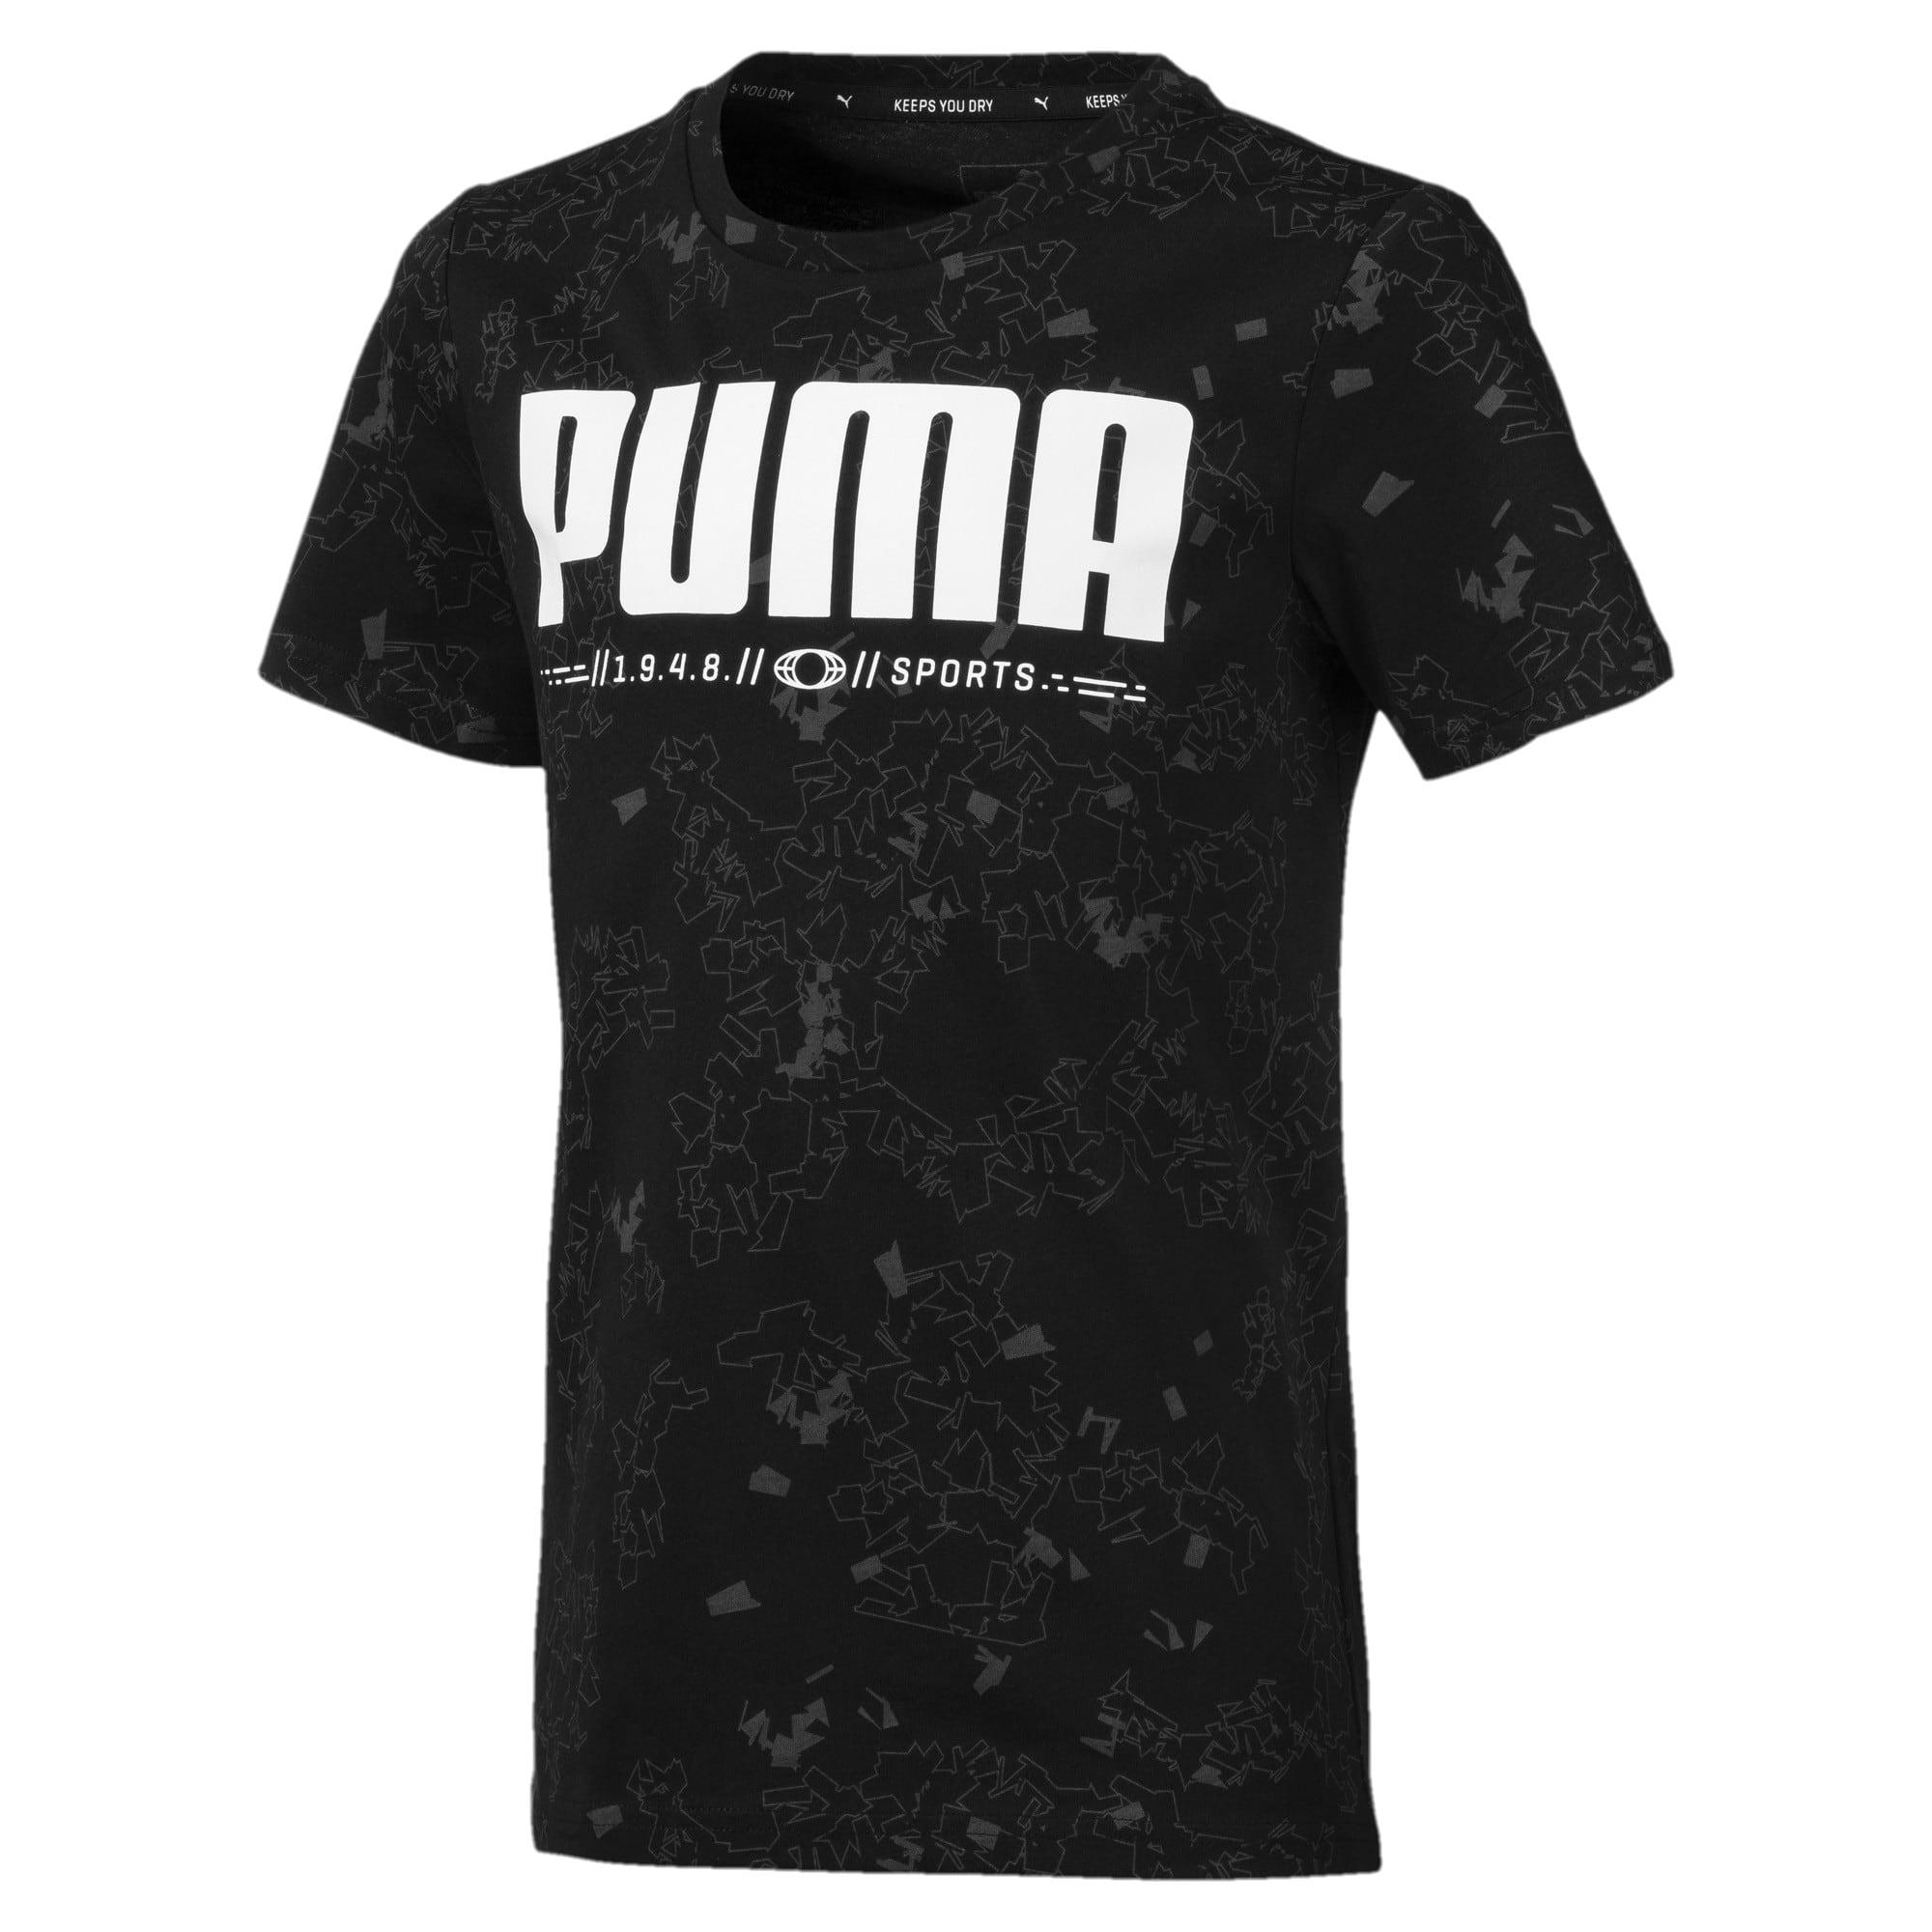 Thumbnail 1 of キッズ ACTIVE SS AOP Tシャツ 半袖, Puma Black, medium-JPN